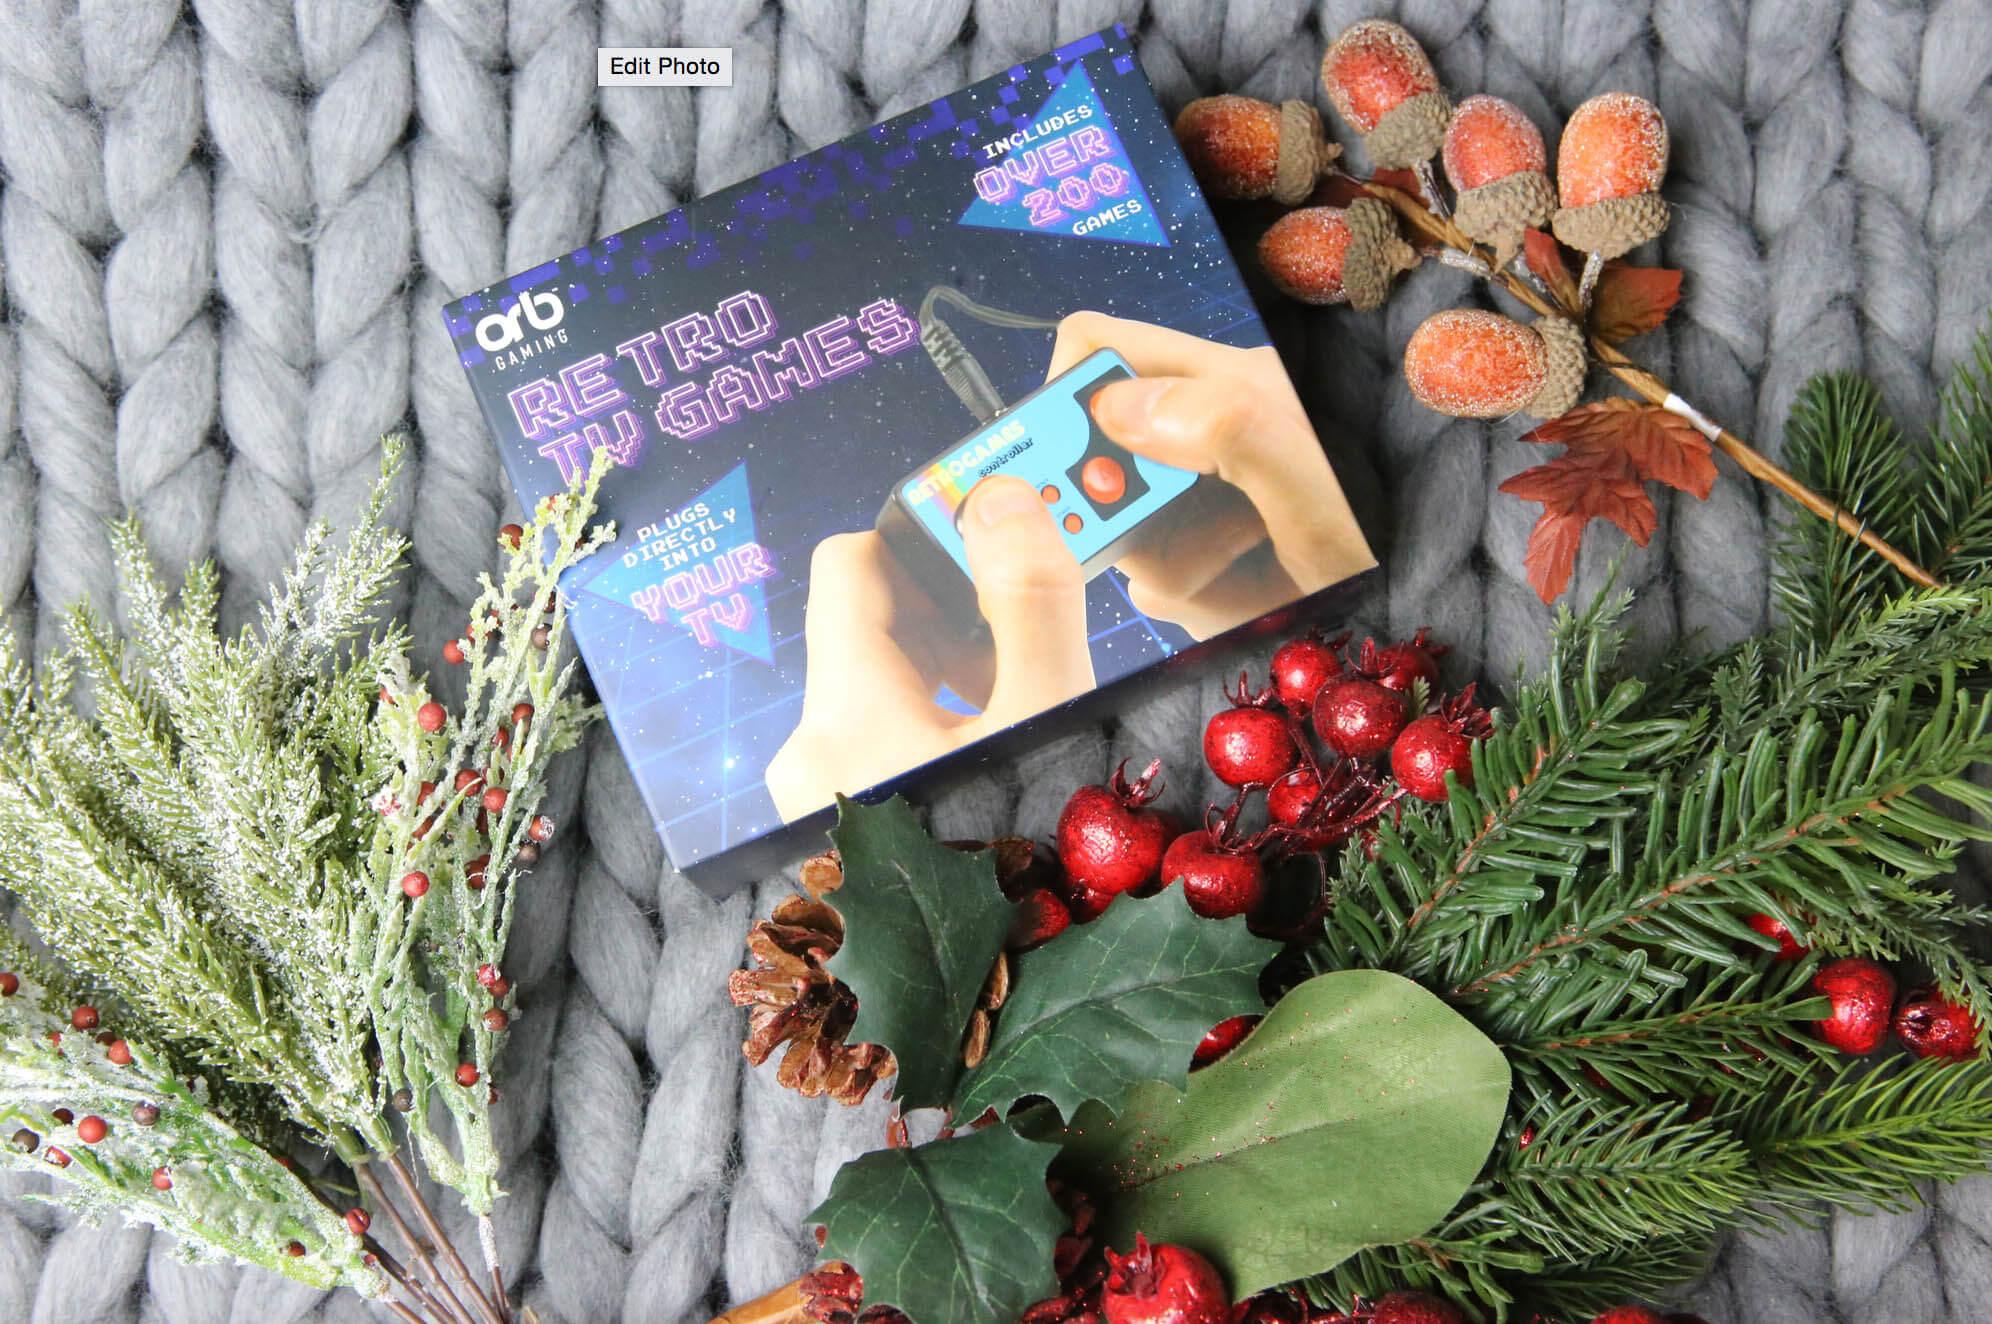 Christmas retro games